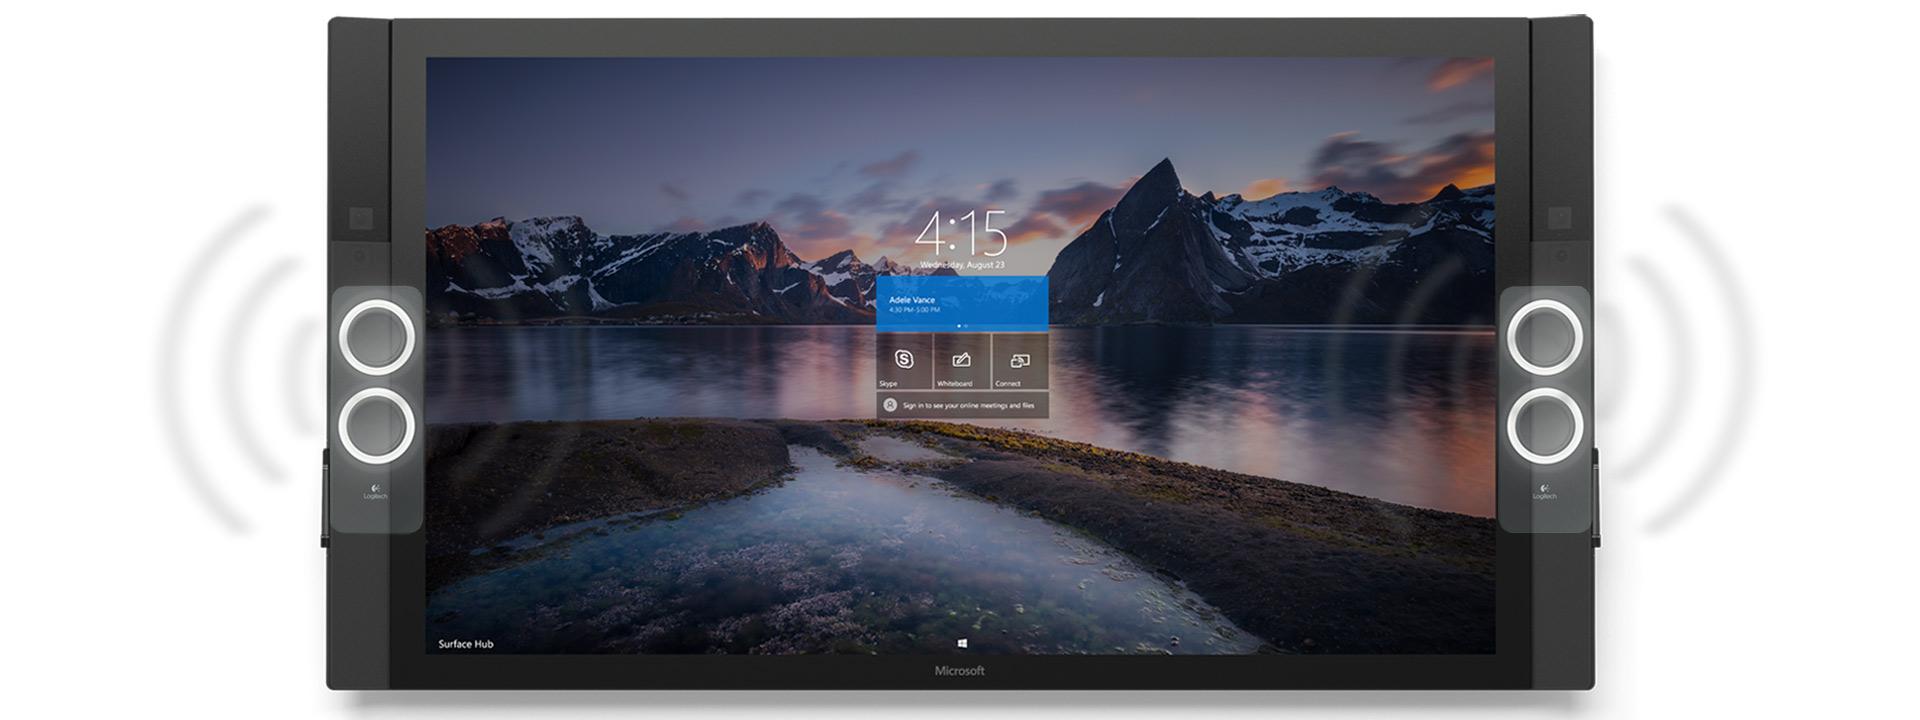 Edestä otettu kuva Surface Hubista, jonka aloitusnäytössä on luontokuva, kaiuttimet värisevät äänestä.